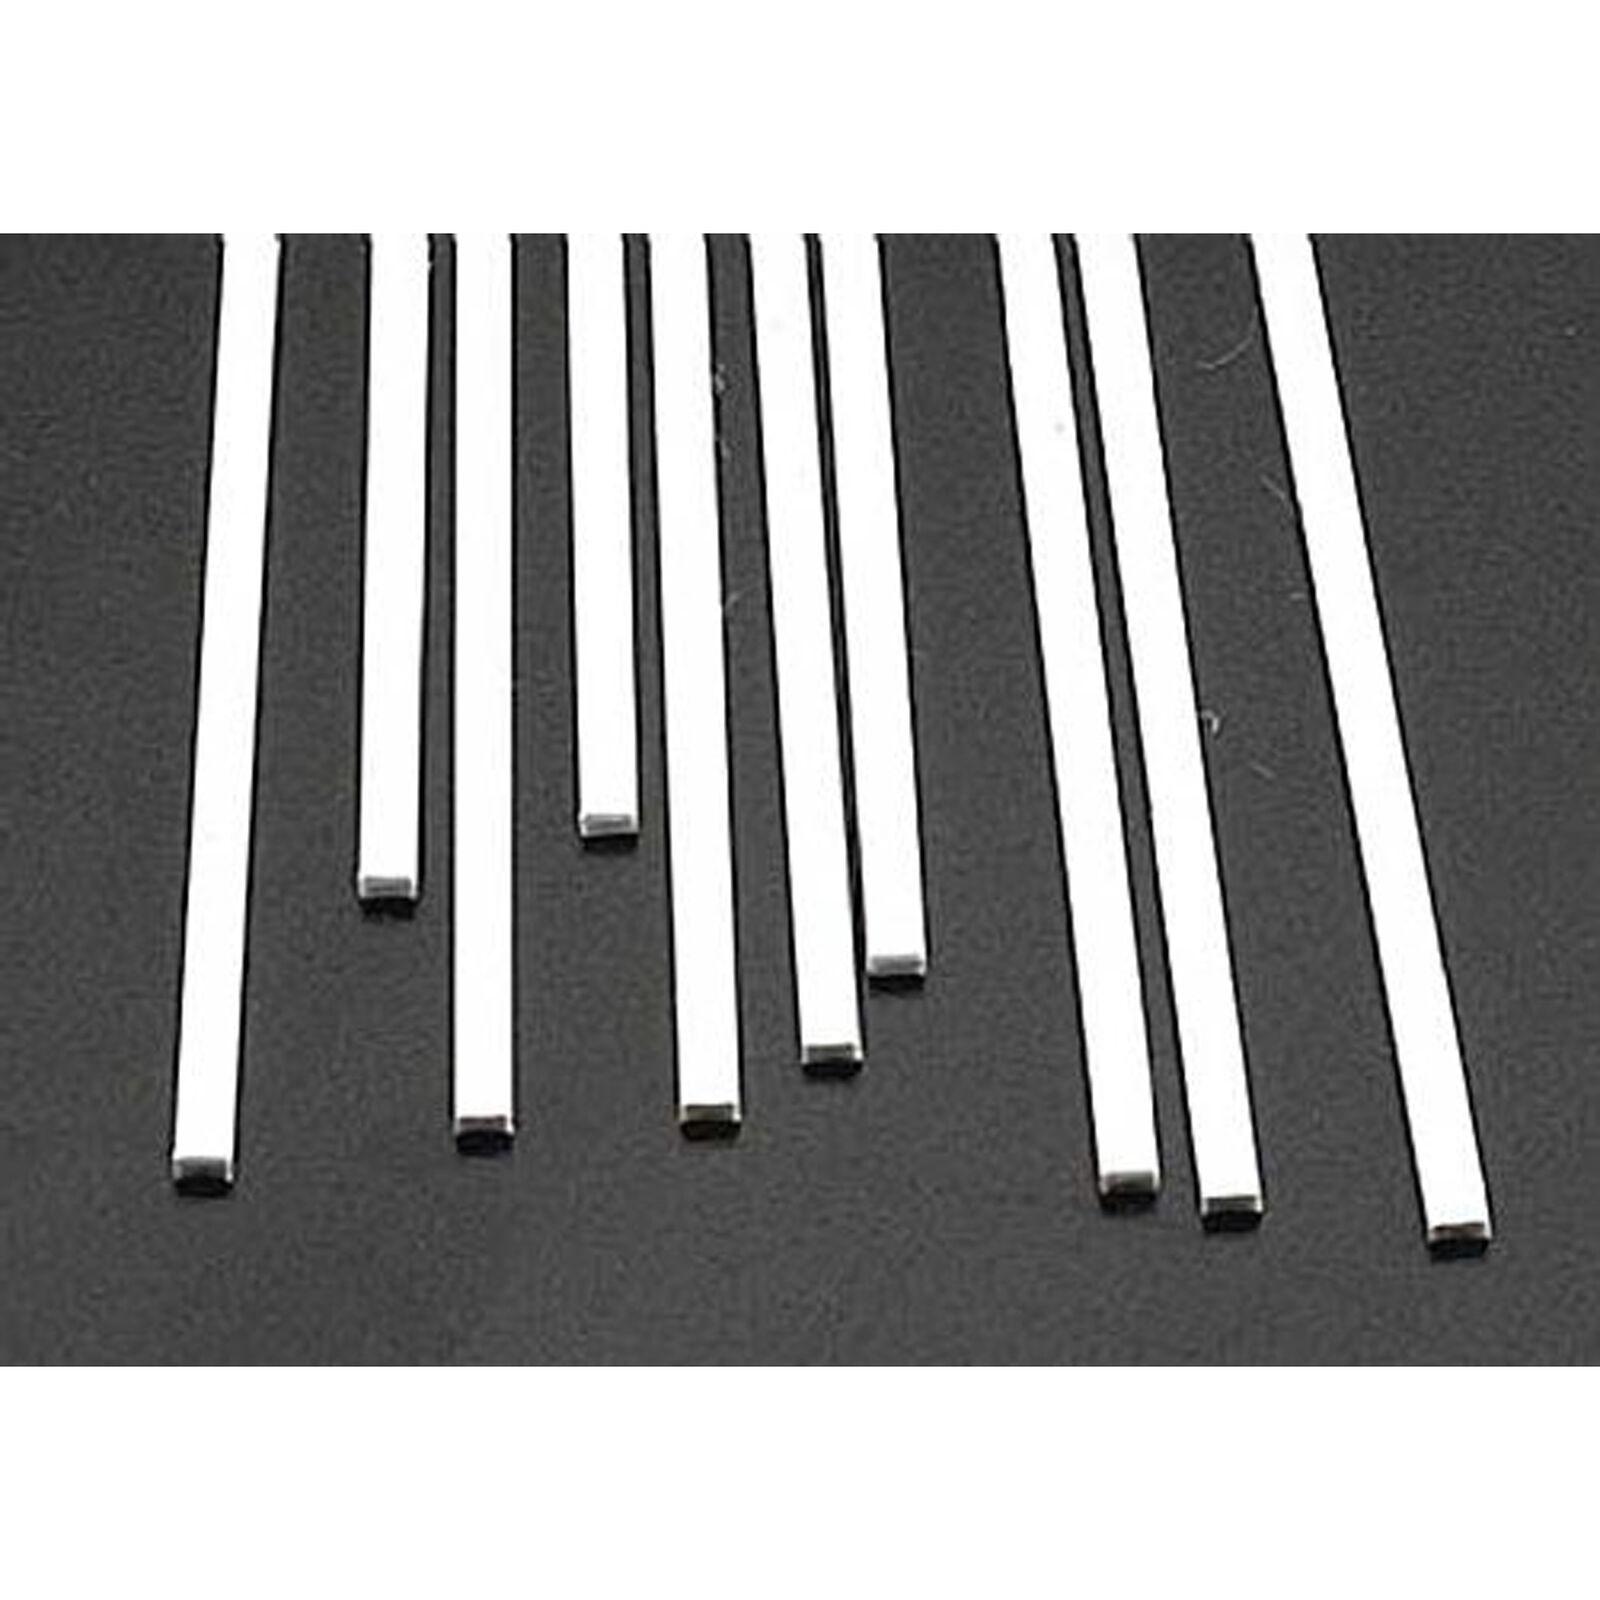 MS-610 Rect Strip,.060x.100 (10)